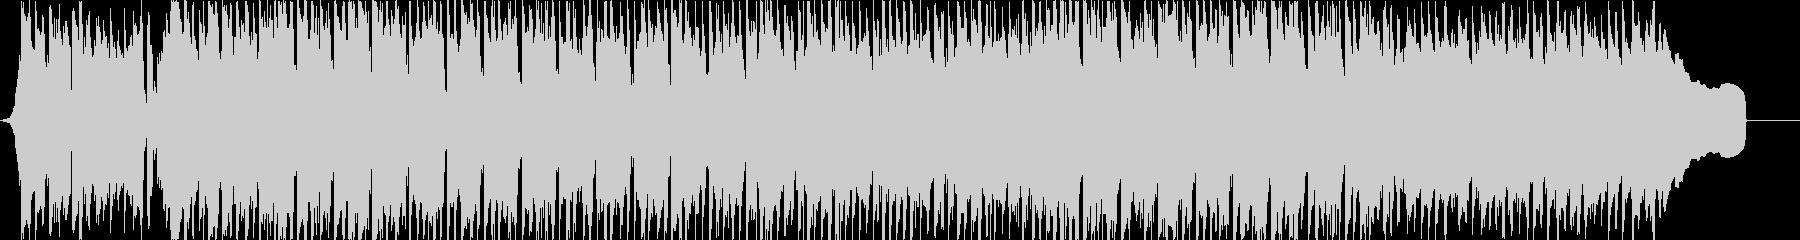 楽しいおしゃべりを演出するフォーク1フルの未再生の波形